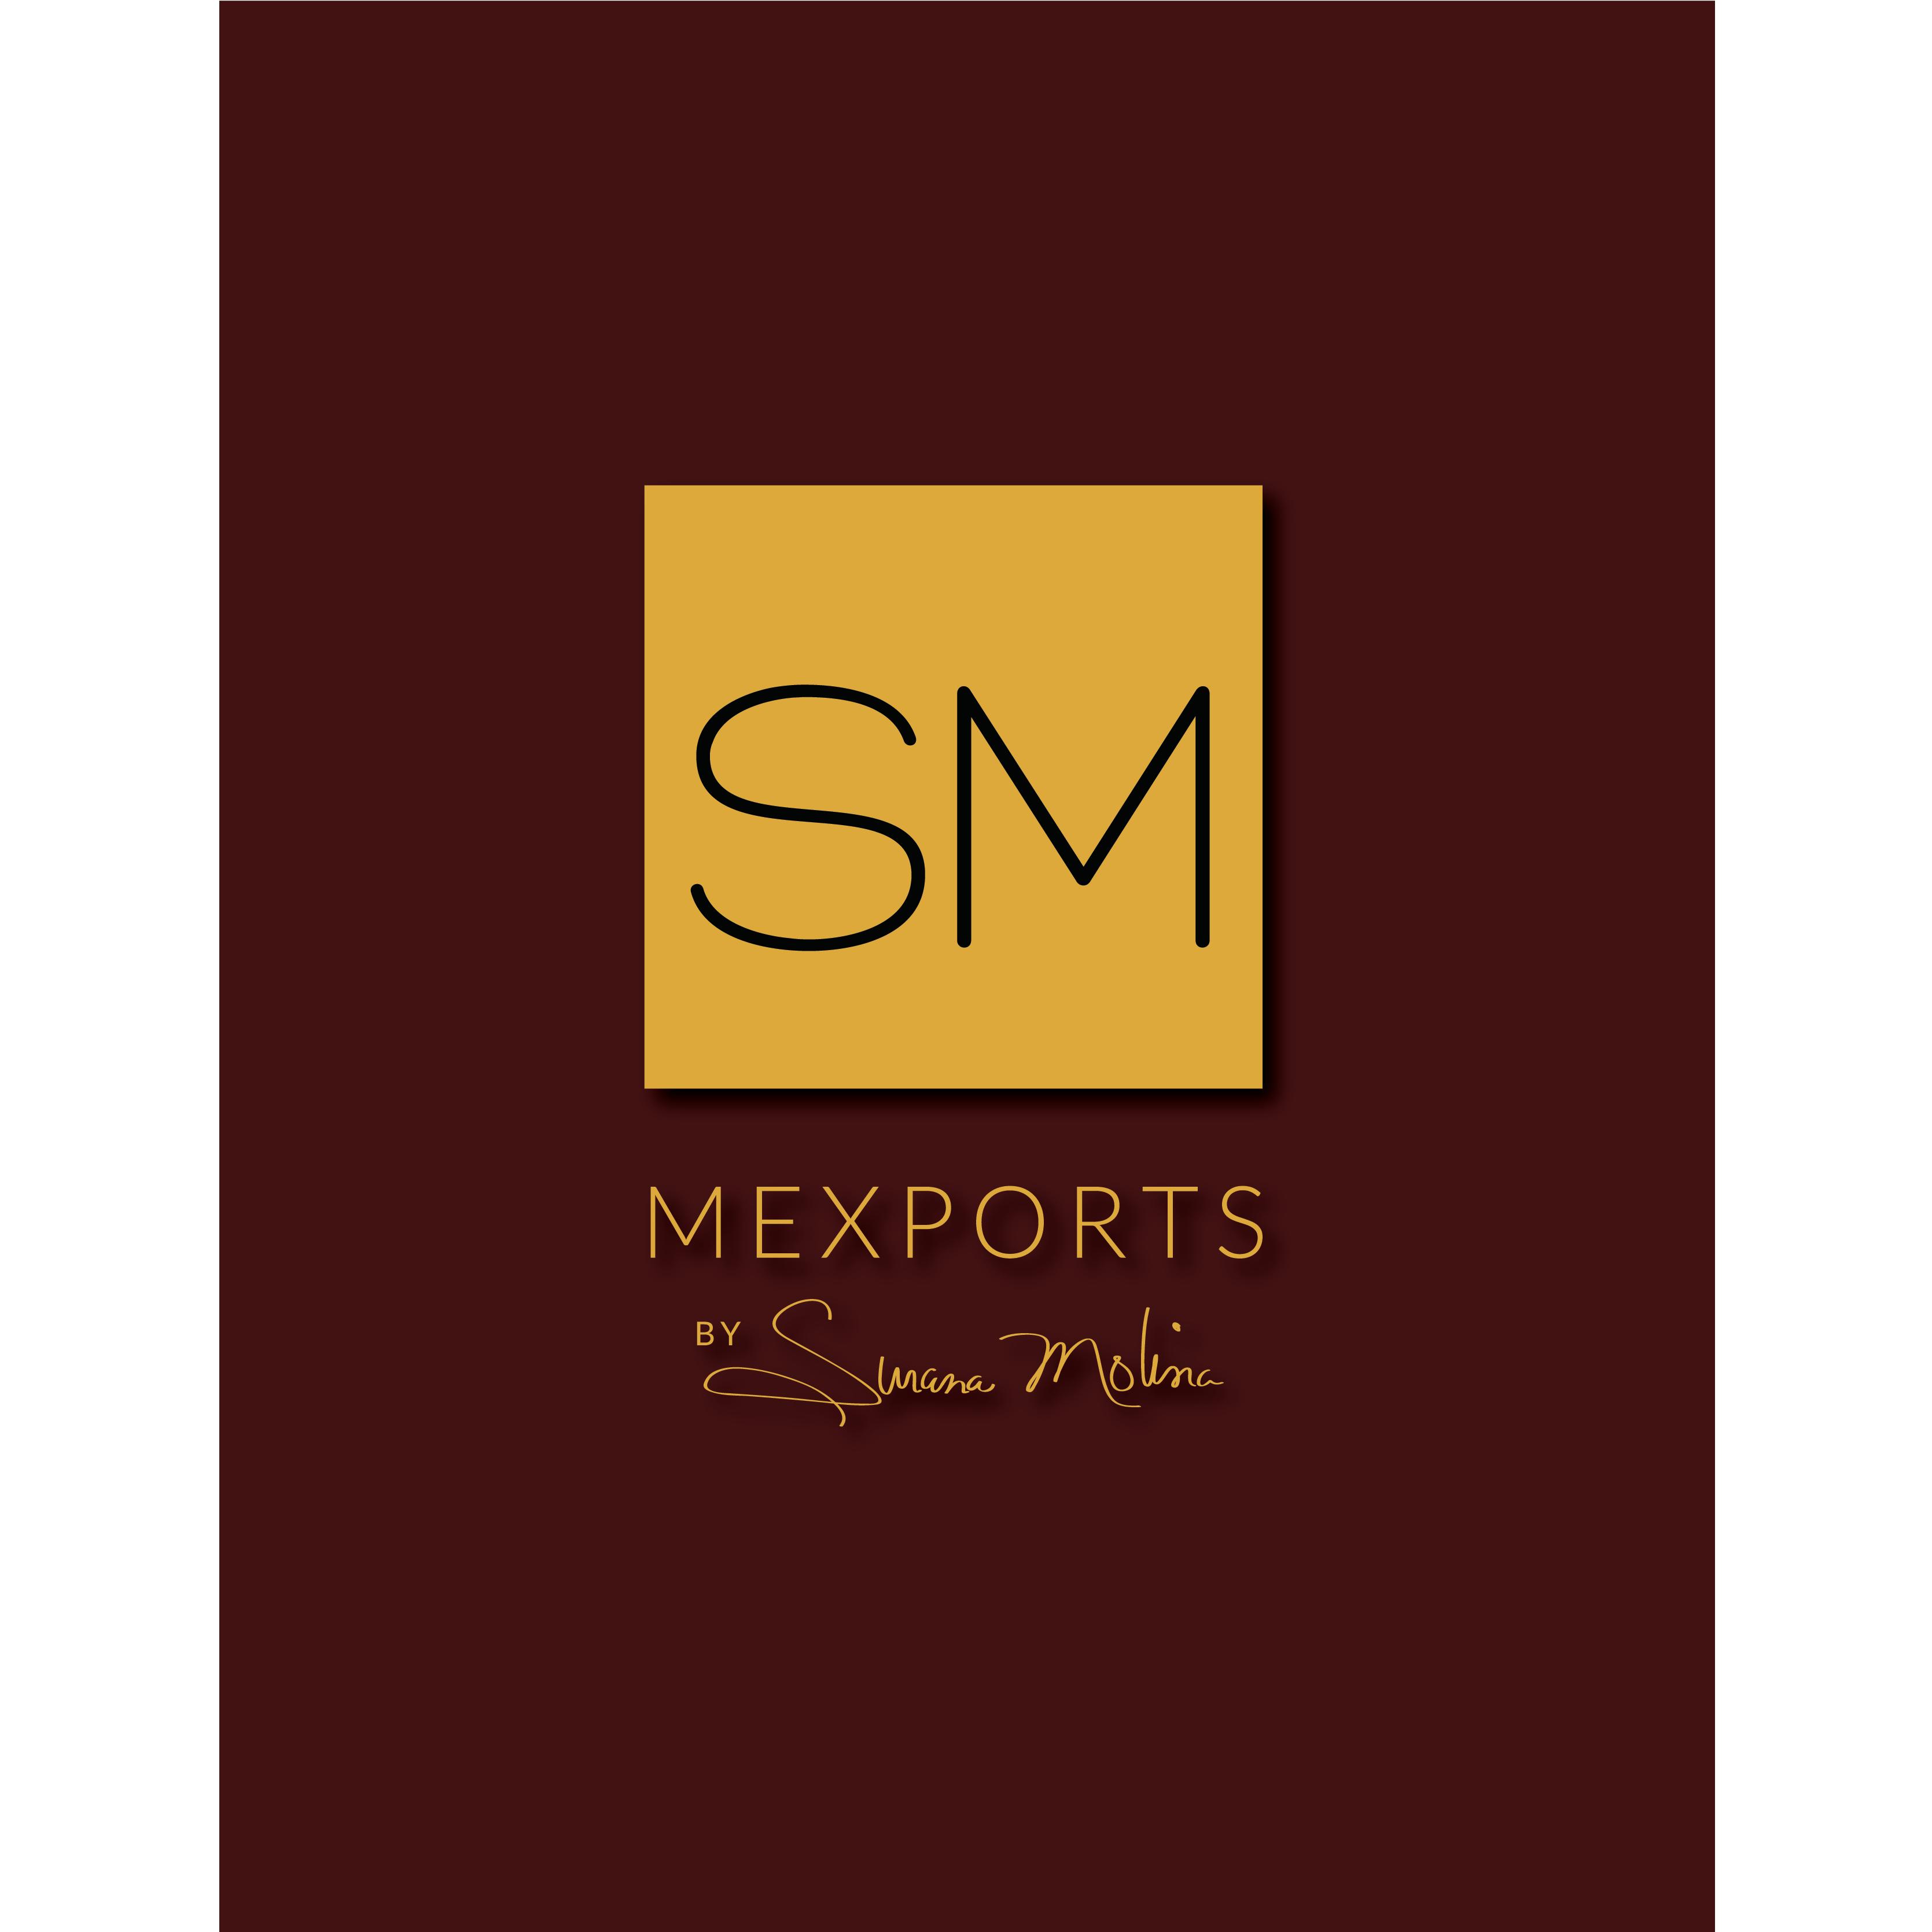 Mexports by susana molina 3704 san bernardo avenue laredo - Susana molina ...